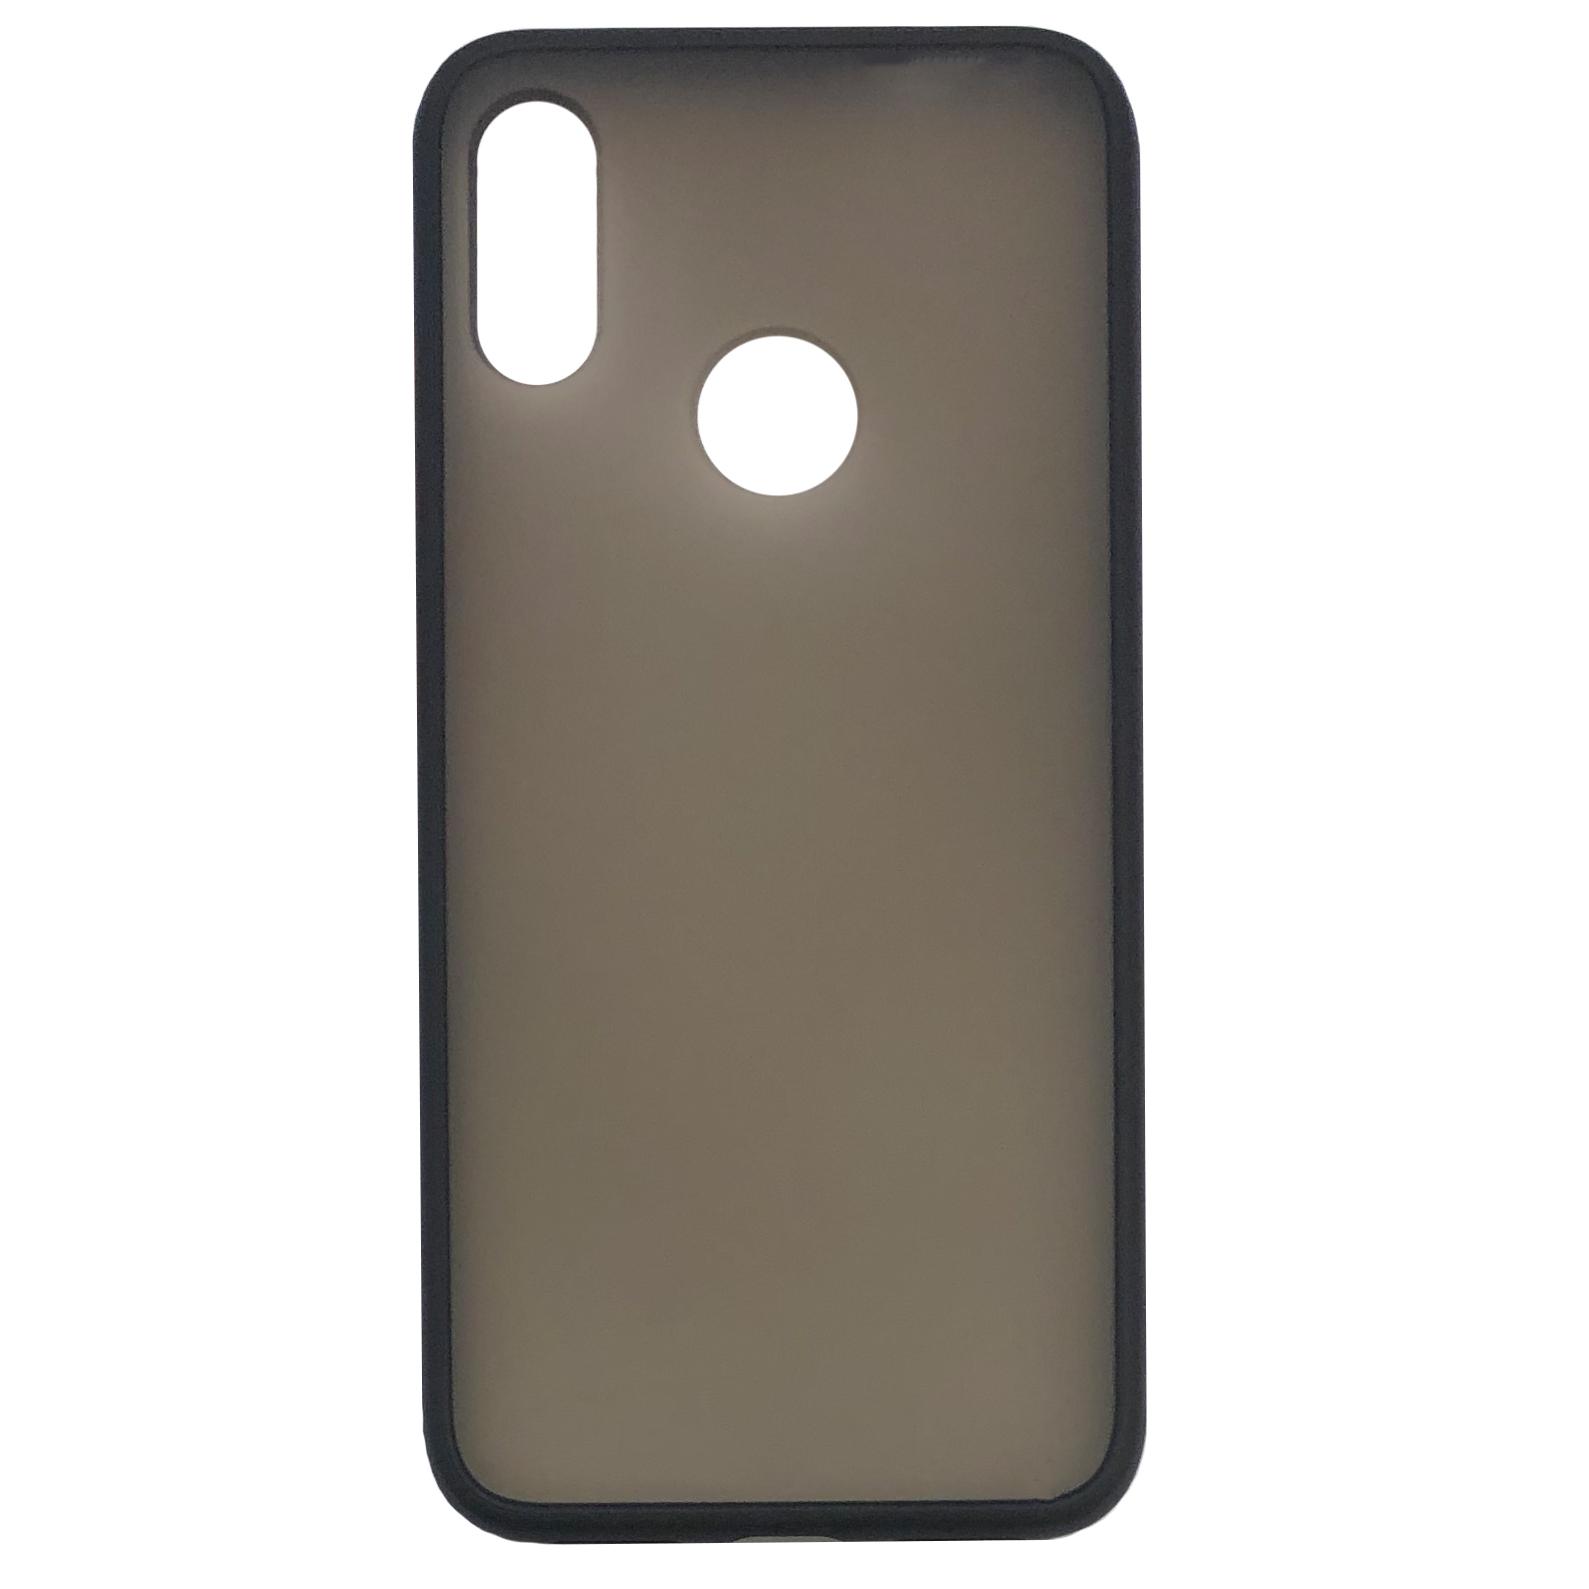 کاور مدل ME-005 مناسب برای گوشی موبایل شیائومی Redmi Note 7/ Redmi Note 7 Pro